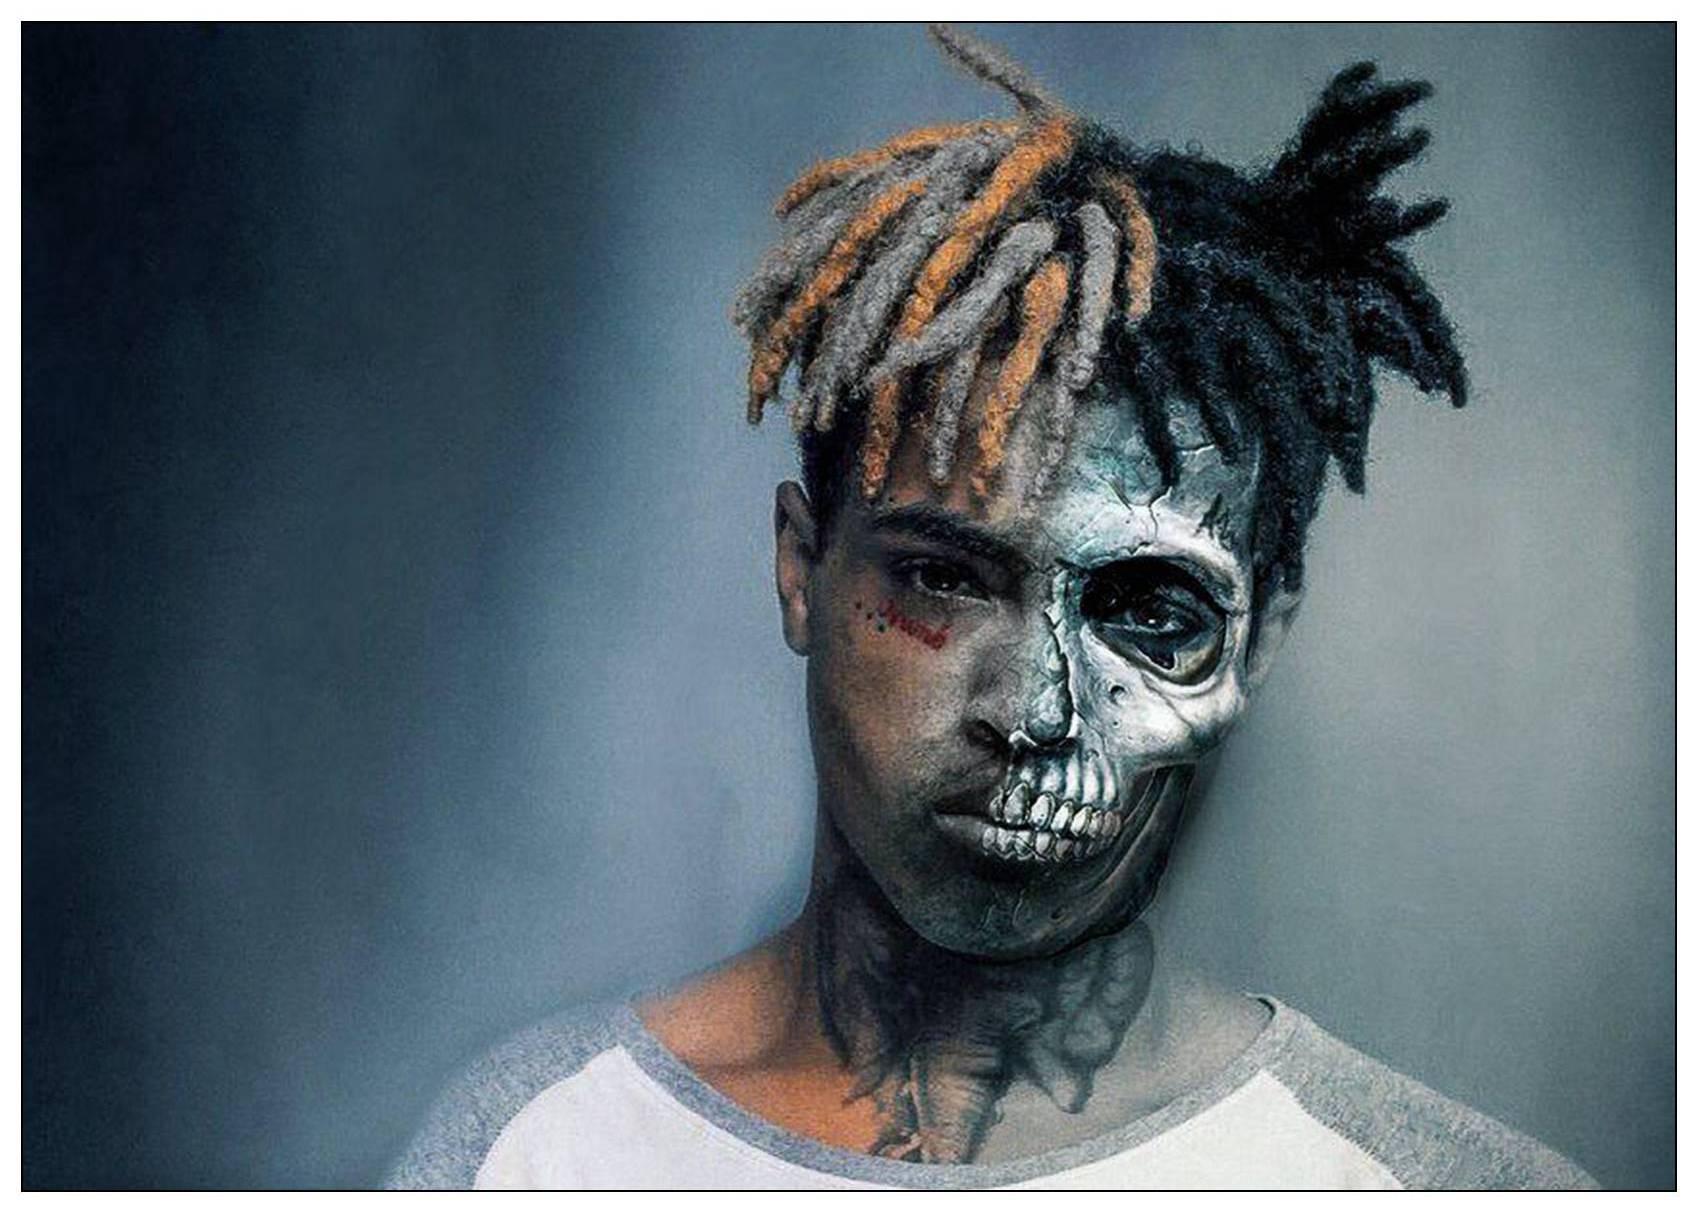 Xxxtentacion Rap Hip Hop Music Star Singer Art Poster